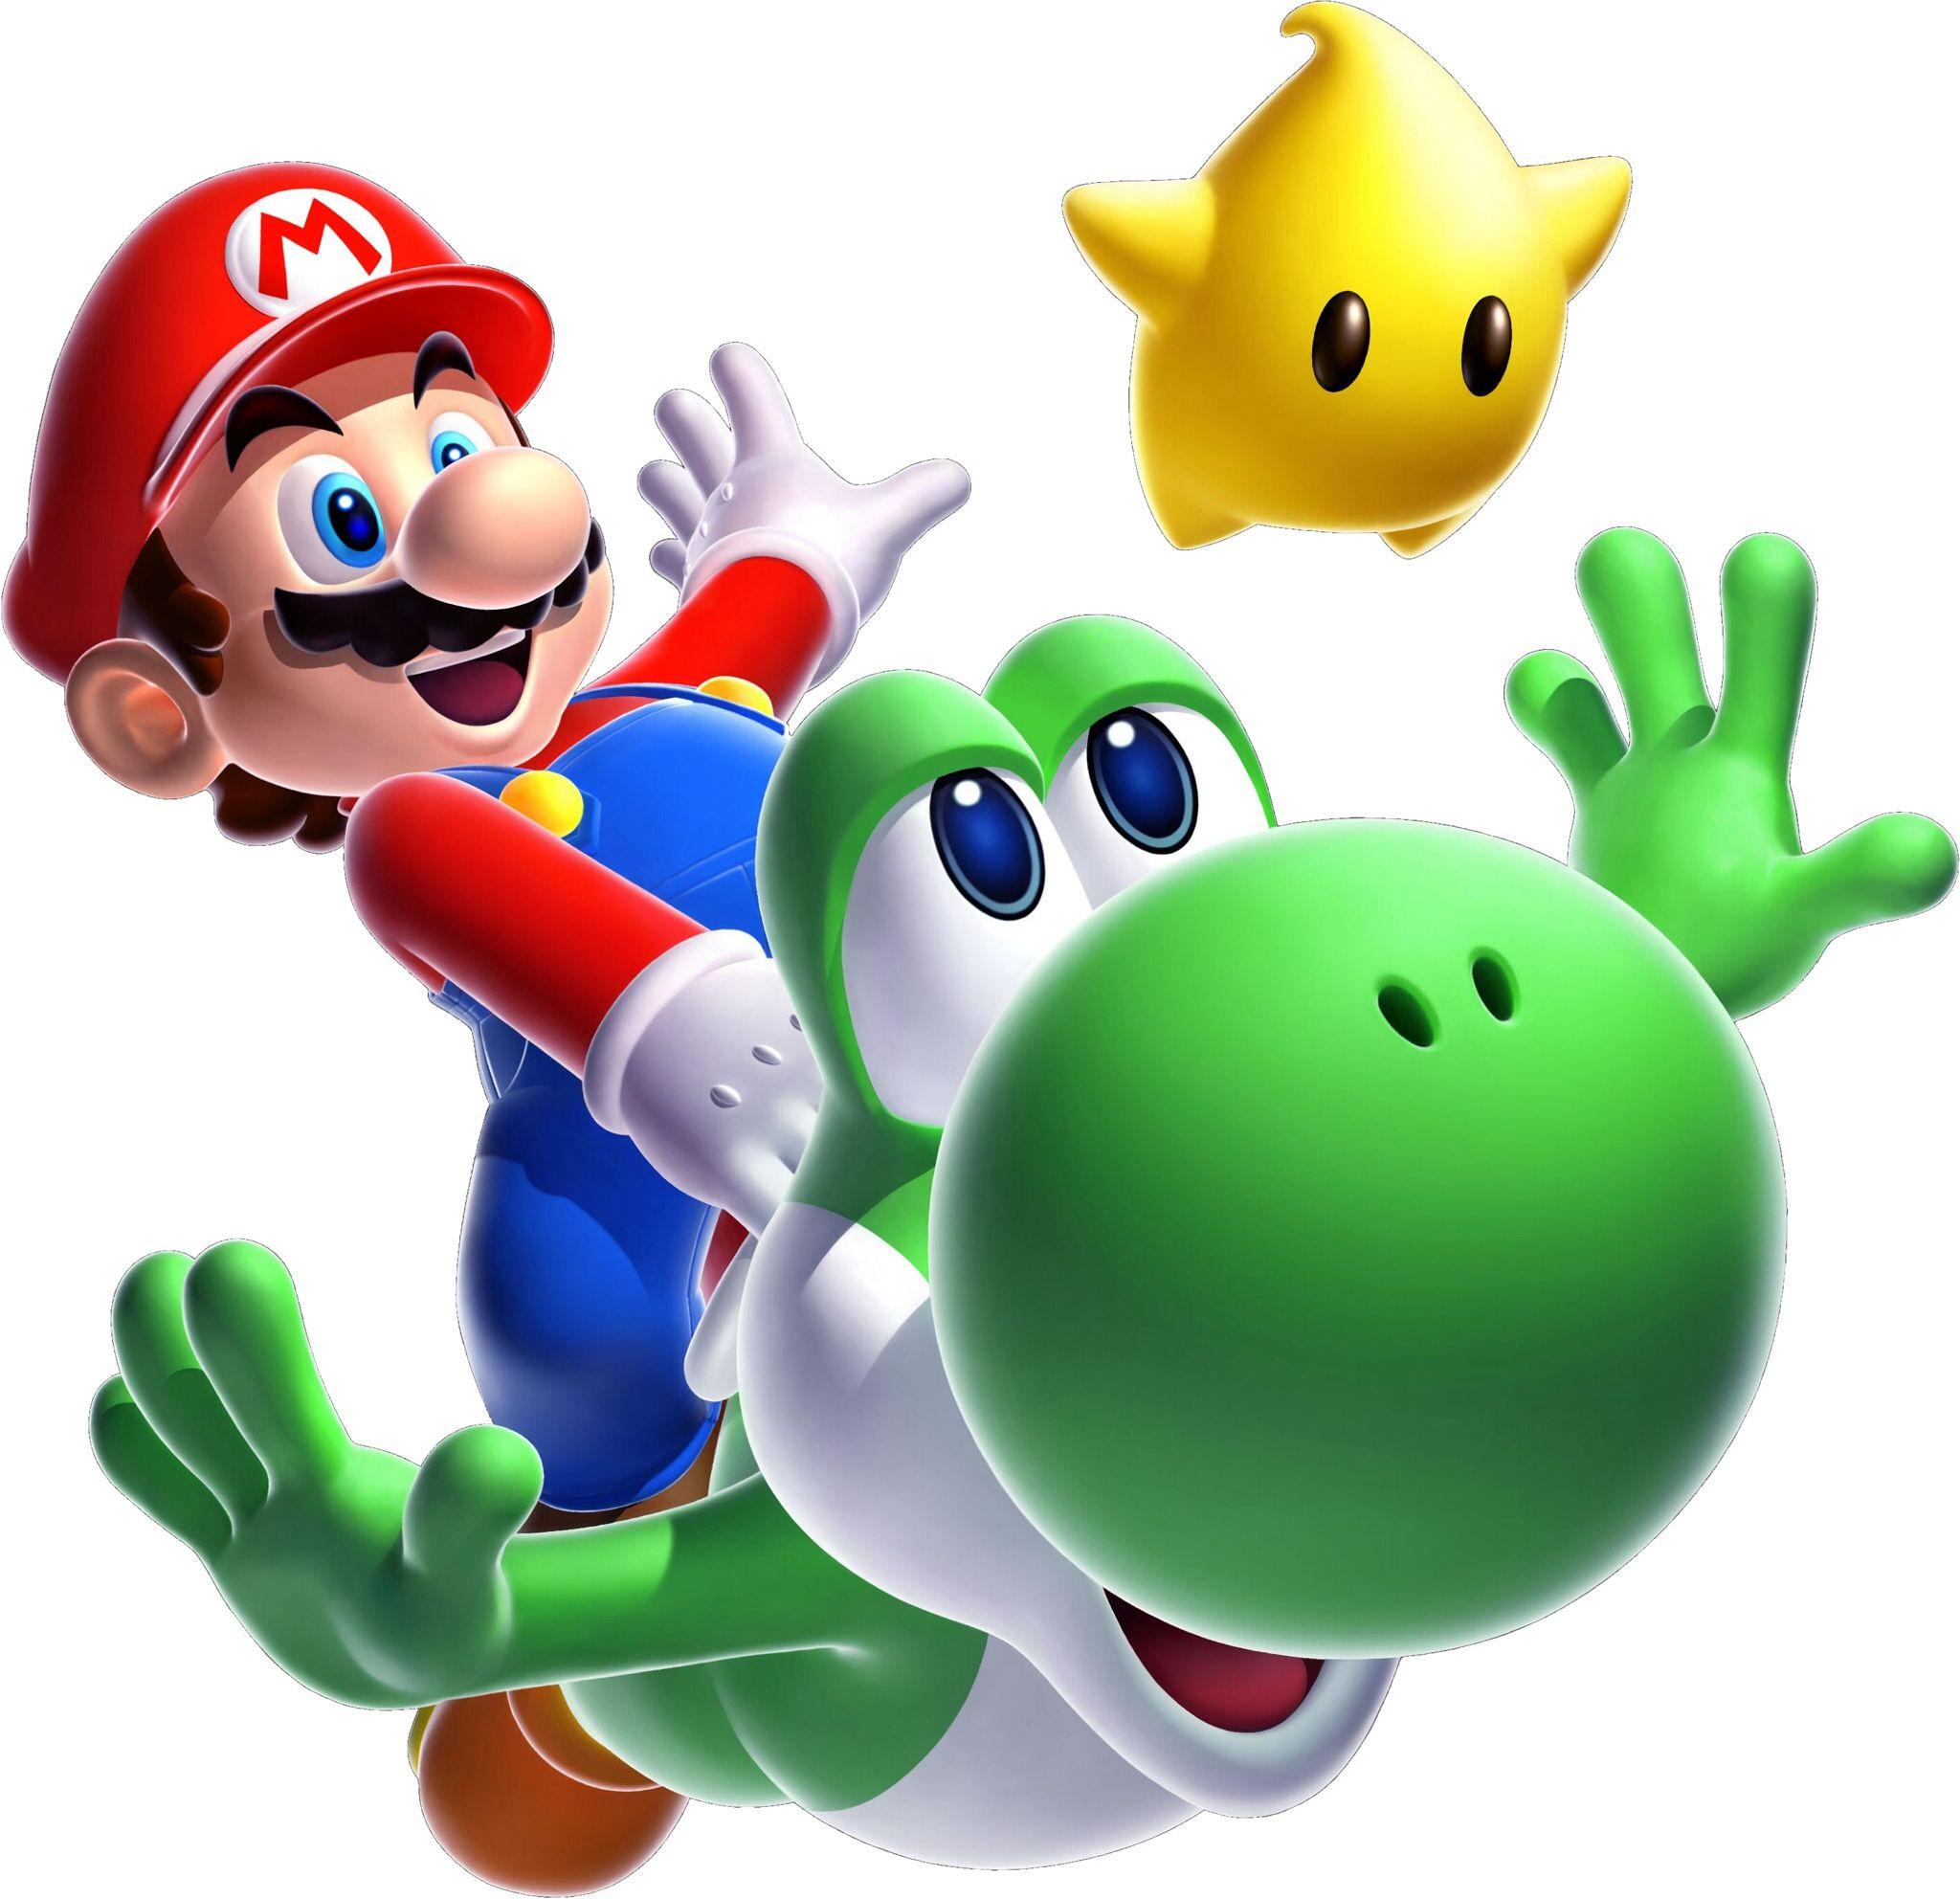 Mario And Yoshi Mario Und Luigi Super Mario Super Mario Bros